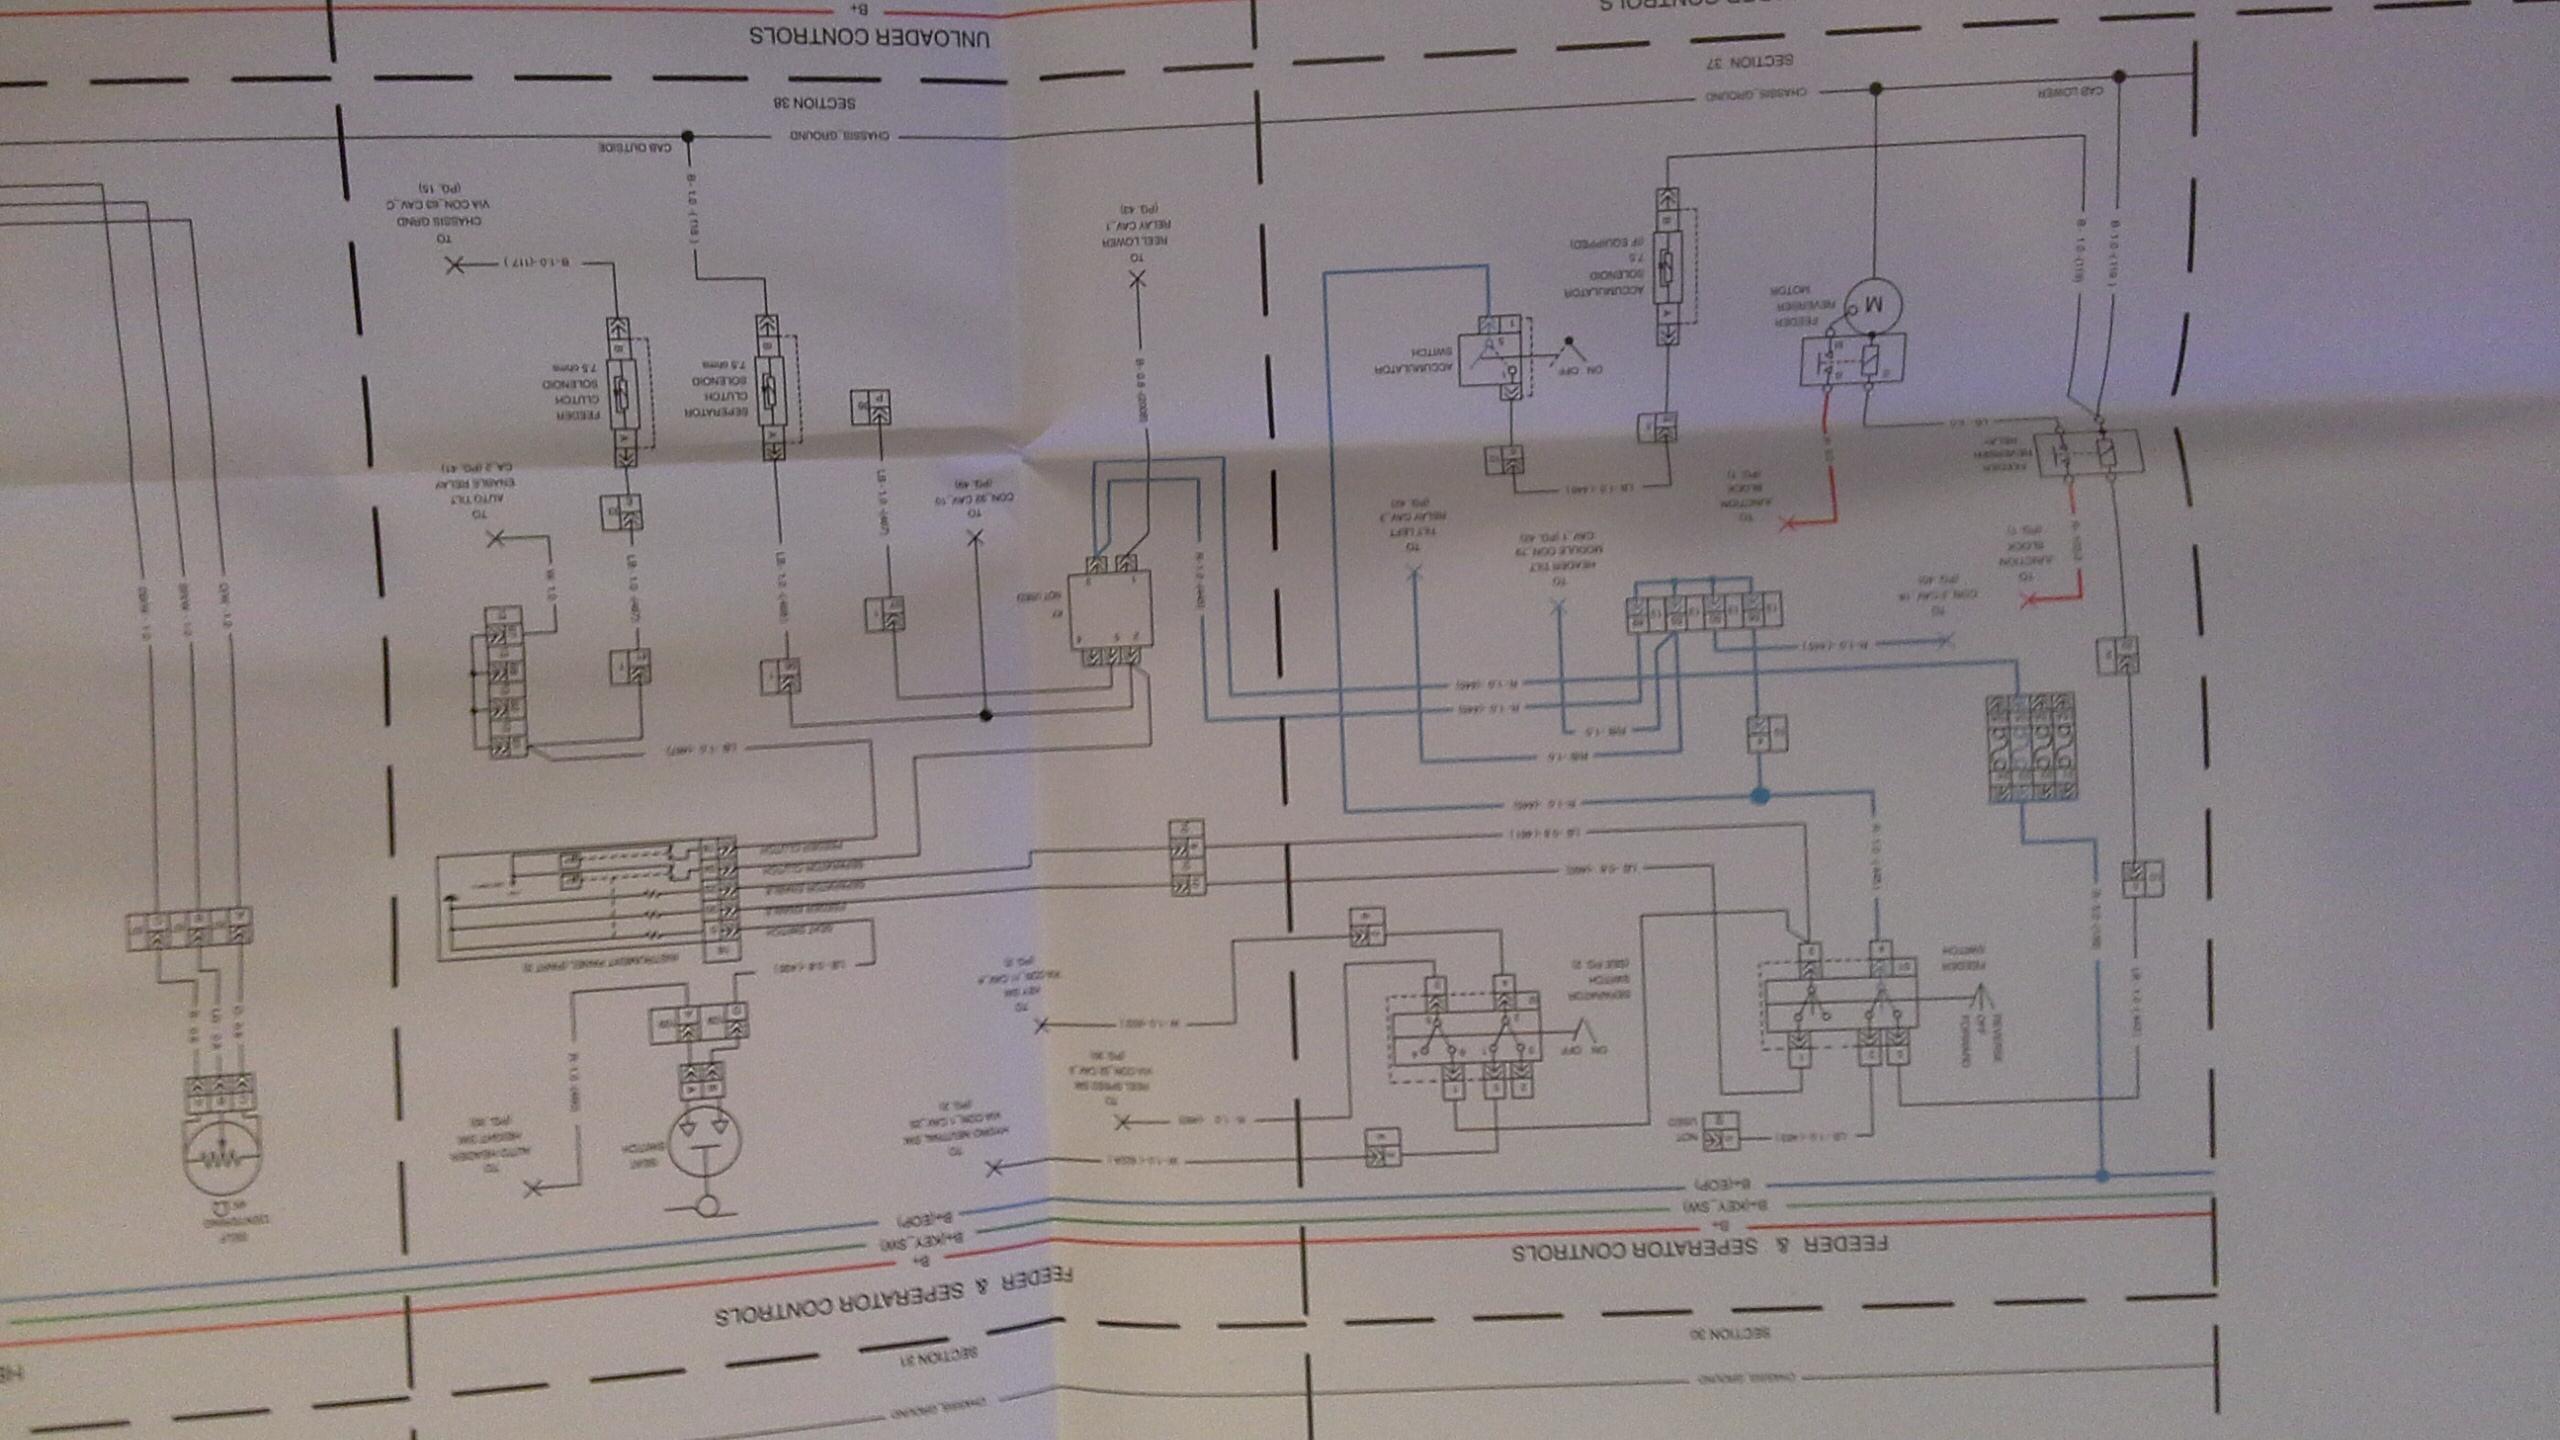 Case Ih 2388 Wiring Diagram